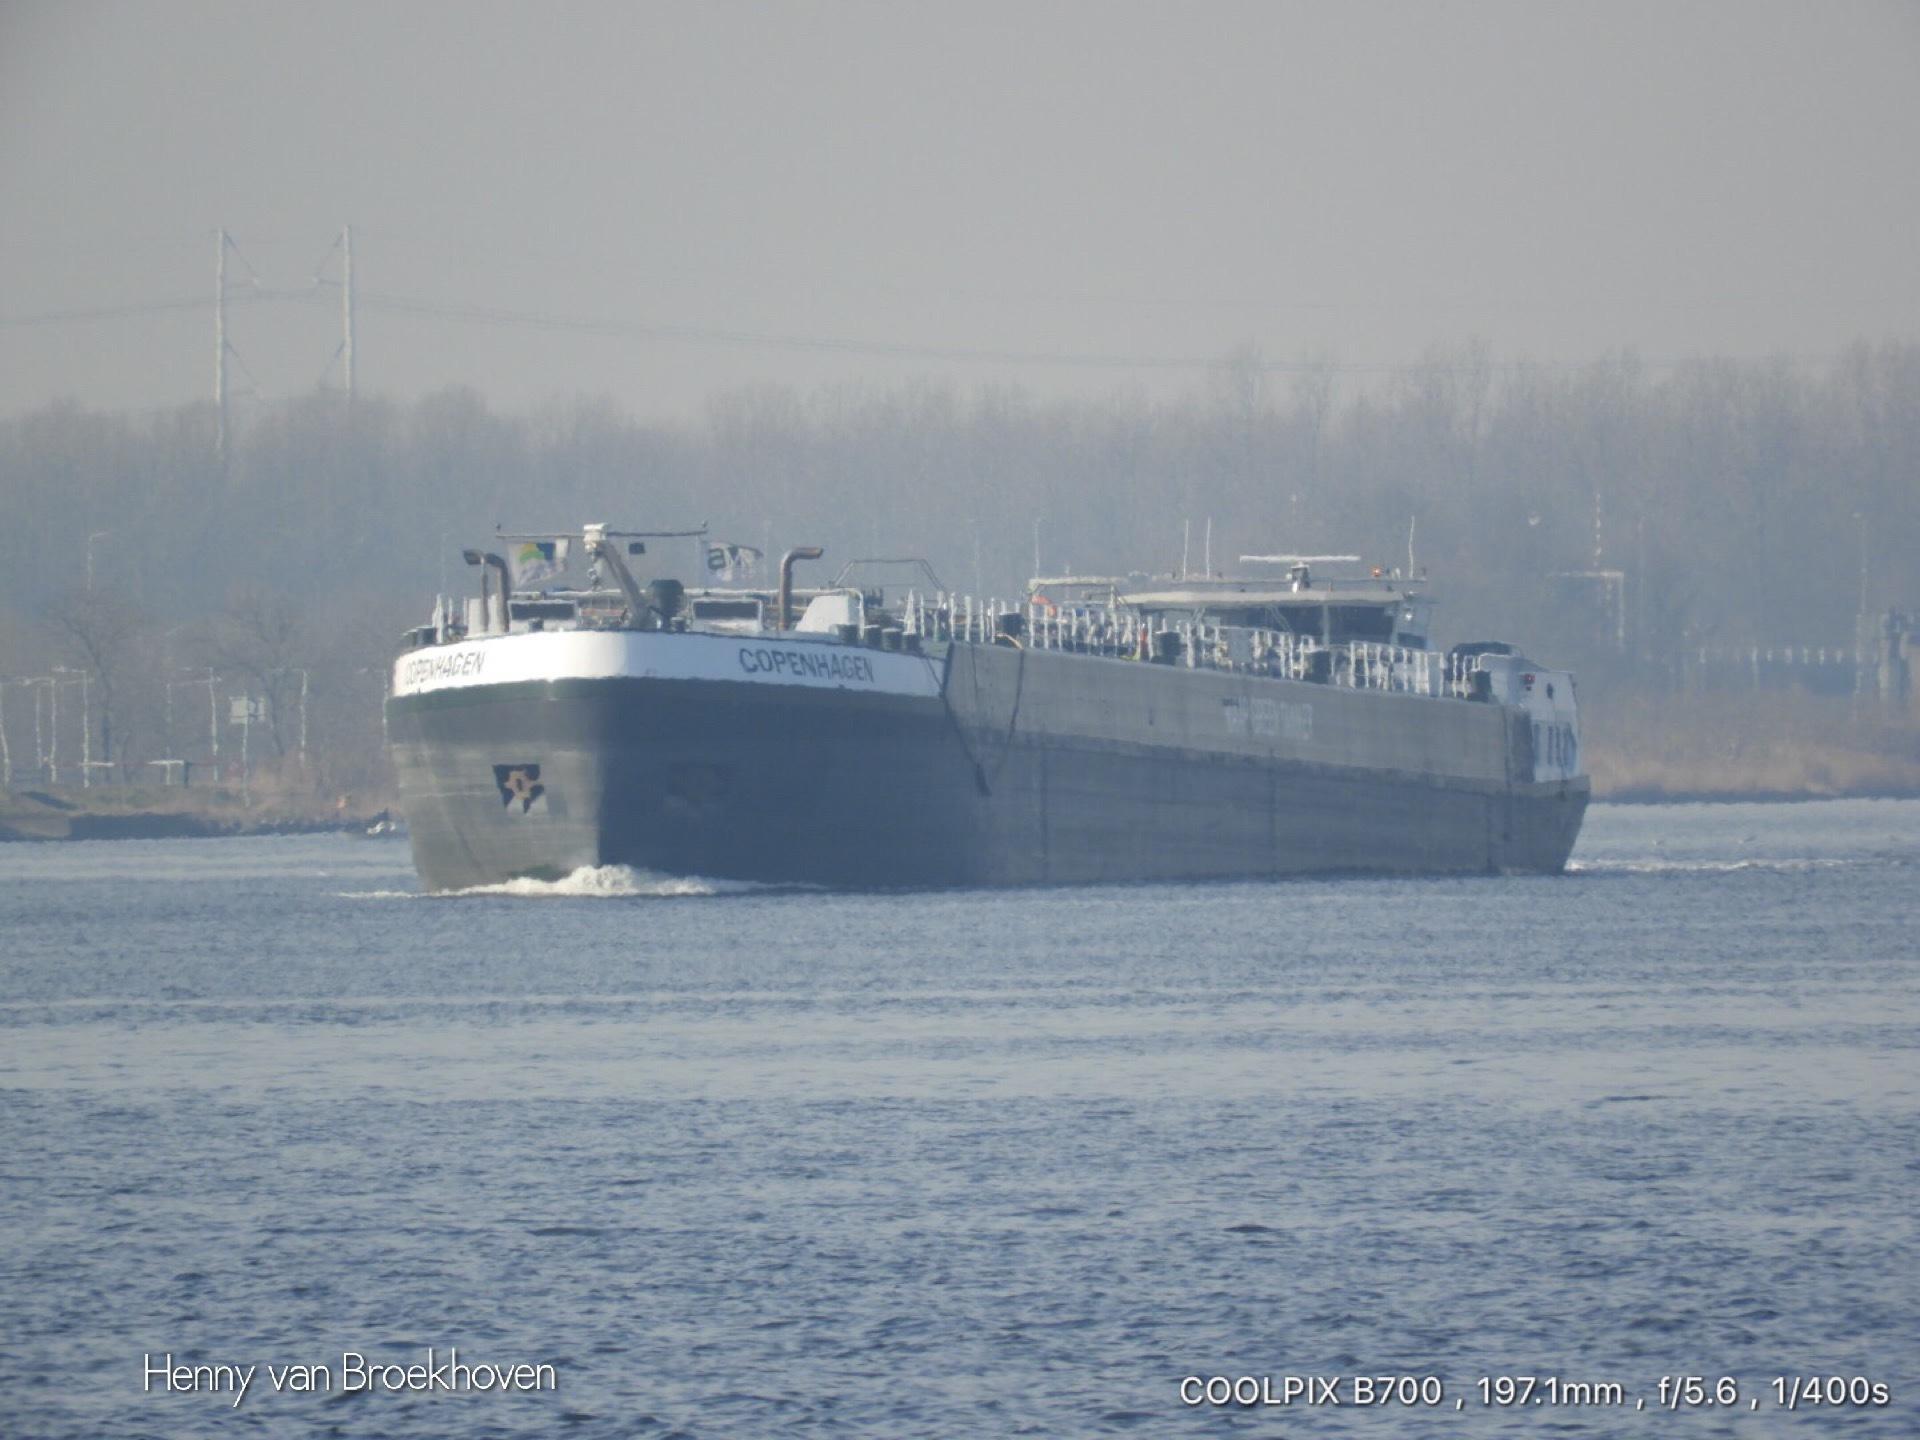 Little ship  by Henny van Broekhoven